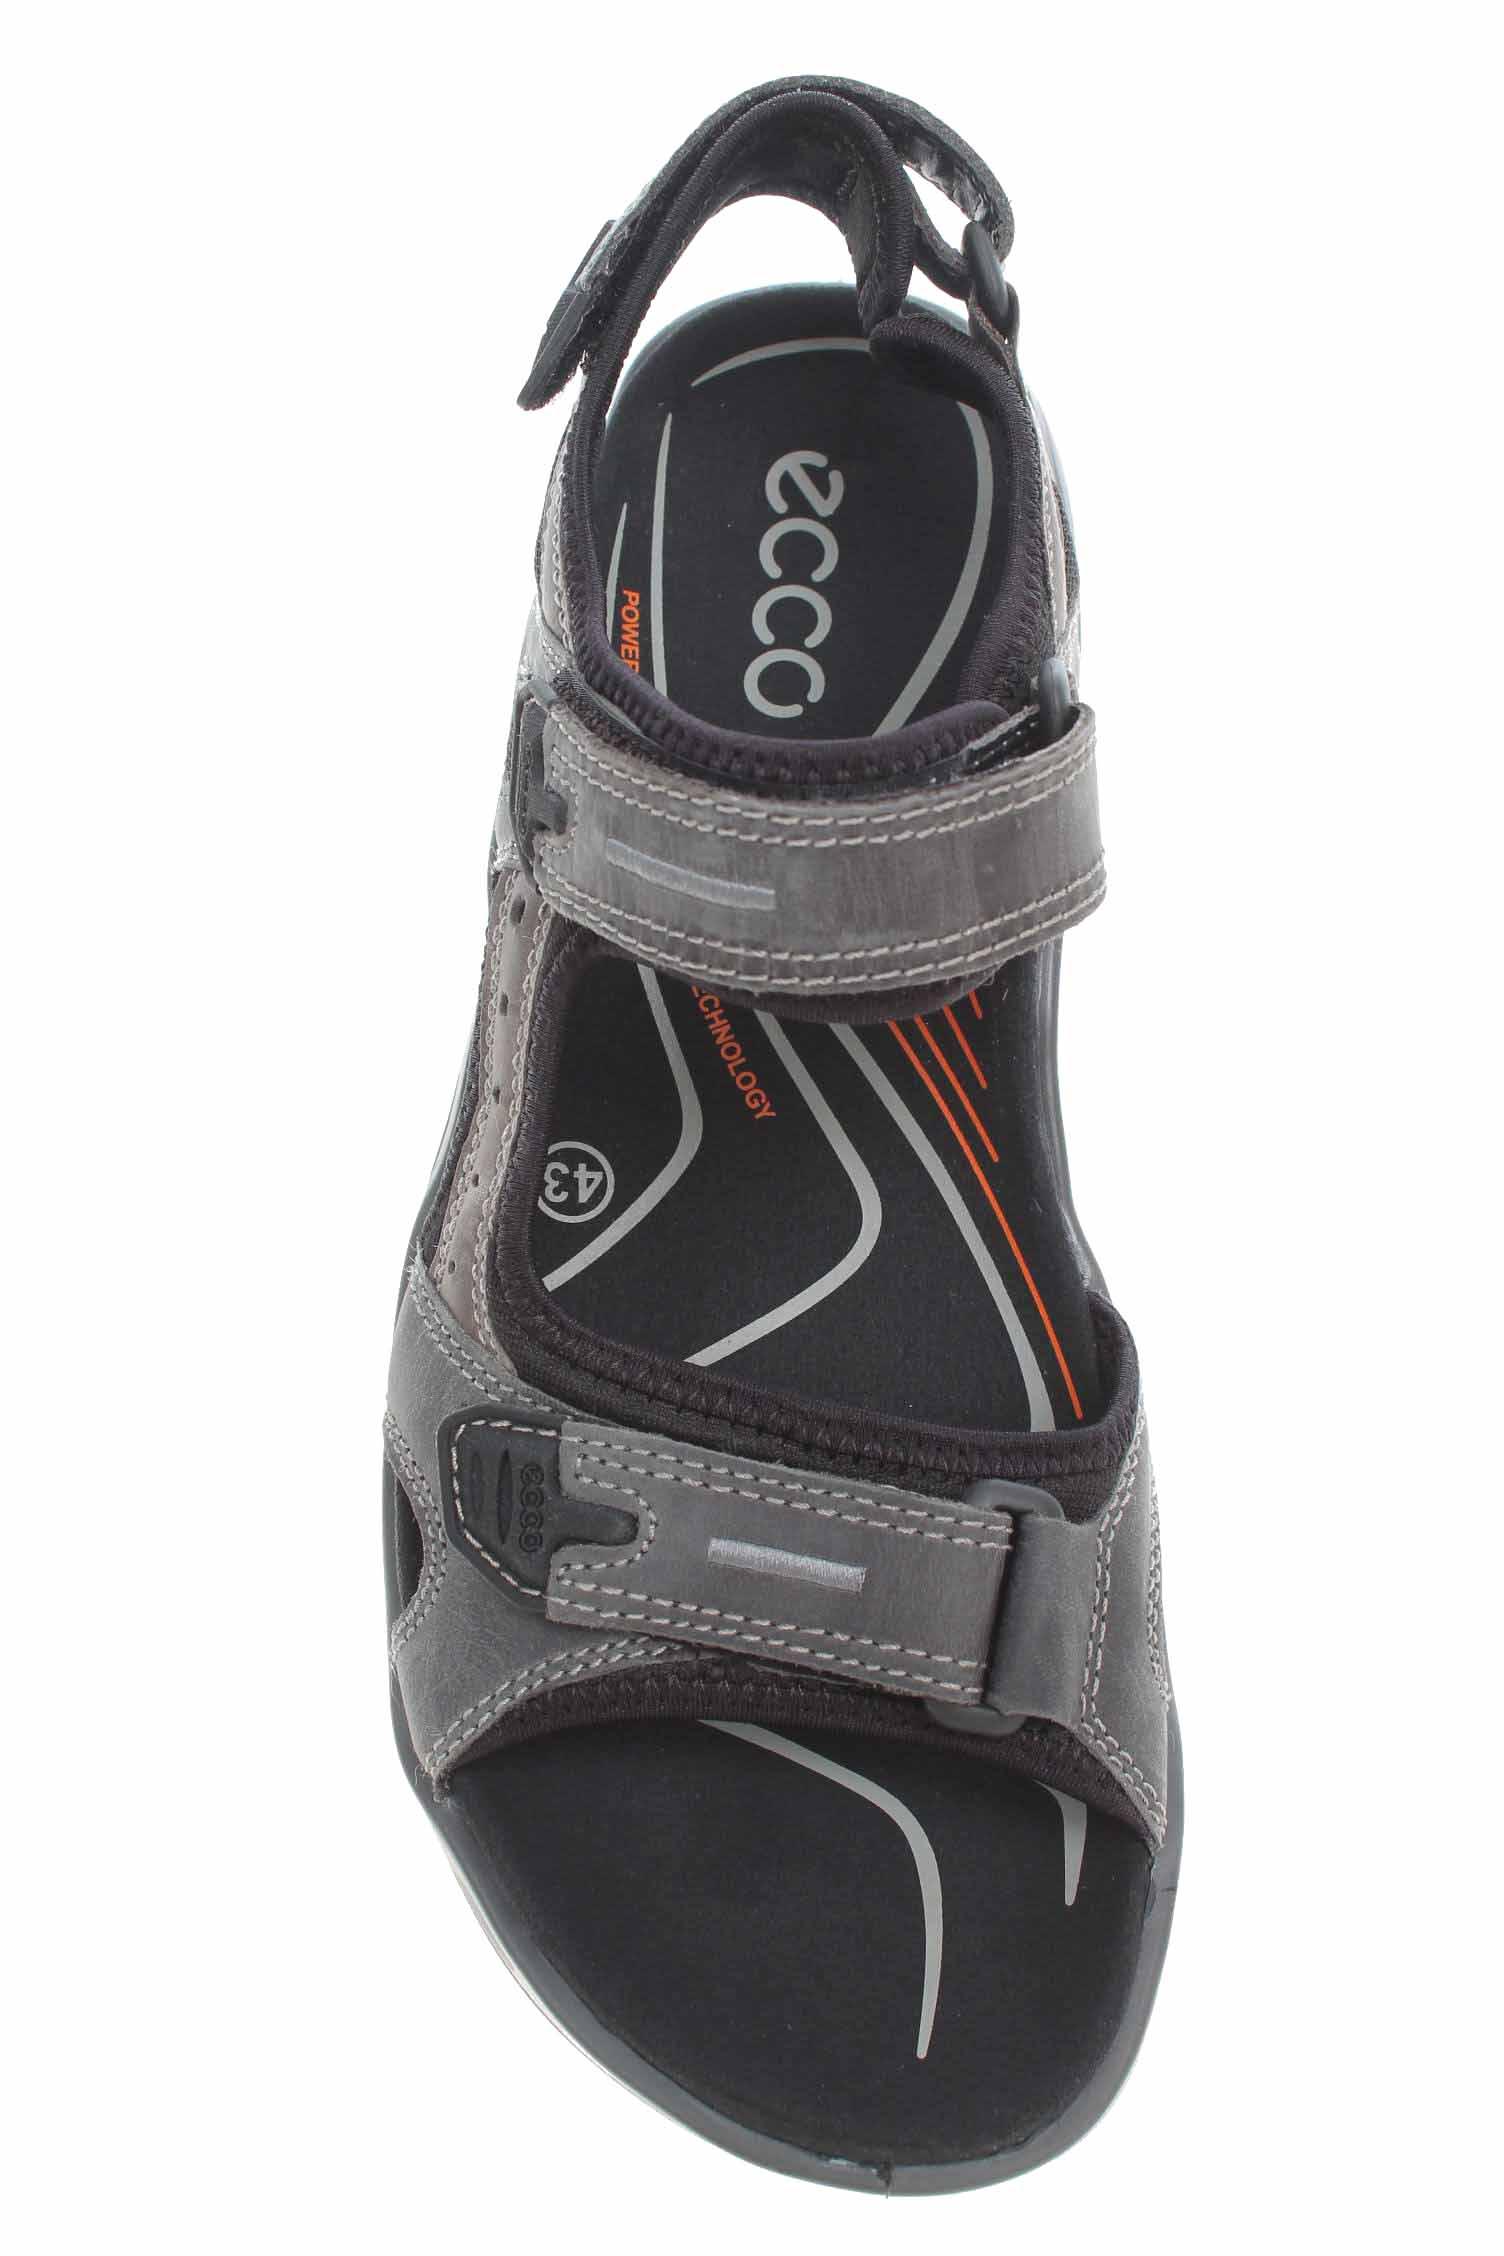 d3fcf428da8 Ecco Offroad pánské sandály 06956402038 marine velikost 43